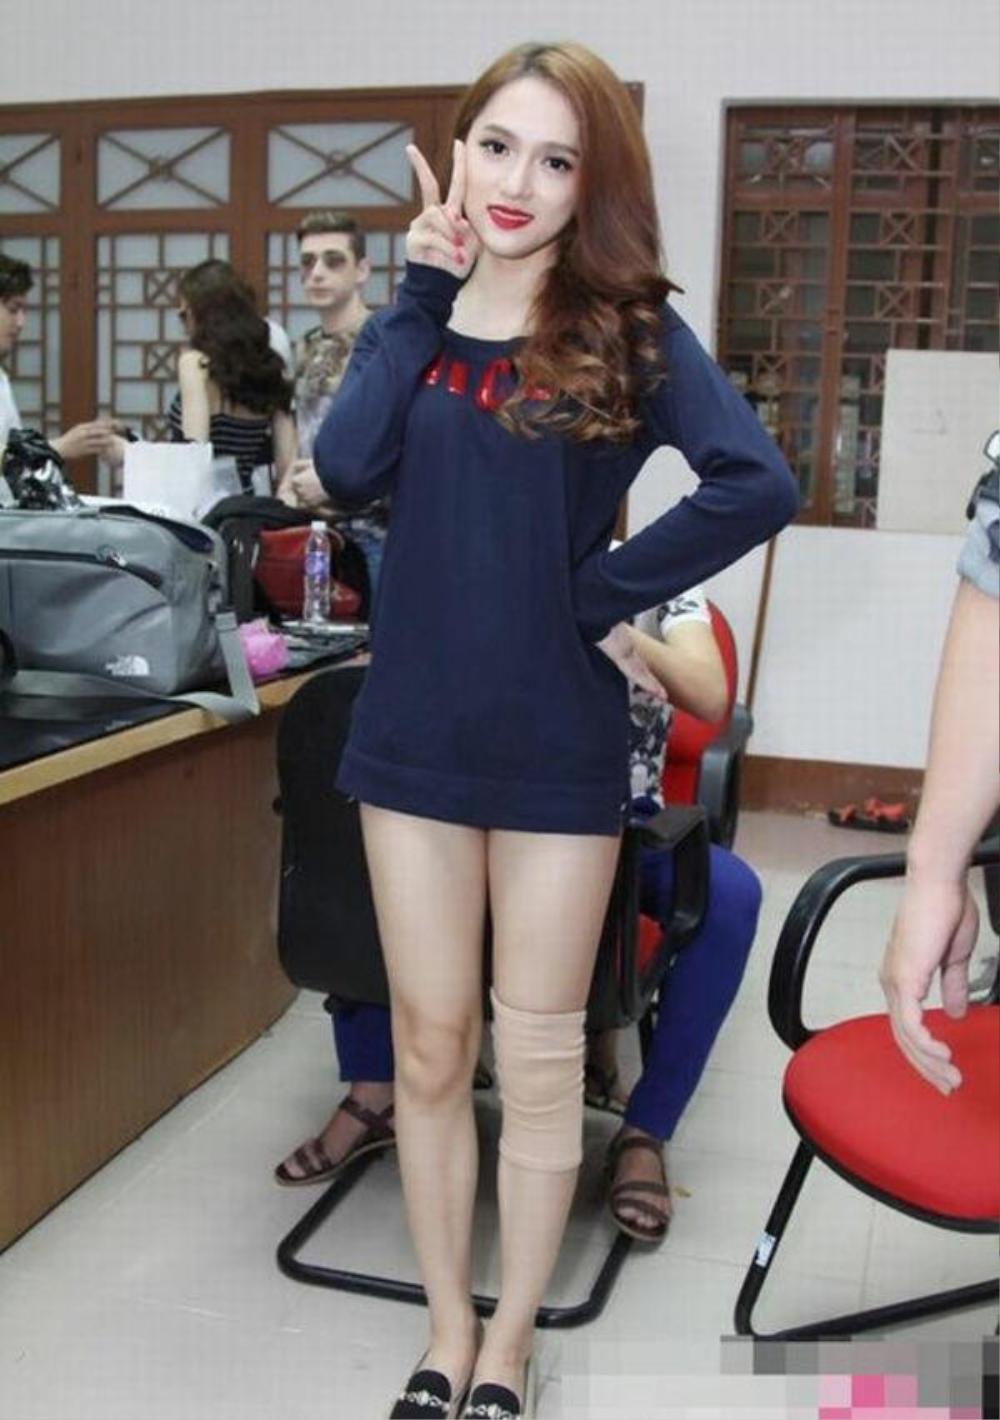 Sao Việt mặc giấu quần: Lan Ngọc, Nhã Phương gợi cảm hết nấc, Midu trẻ trung bất chấp Ảnh 11